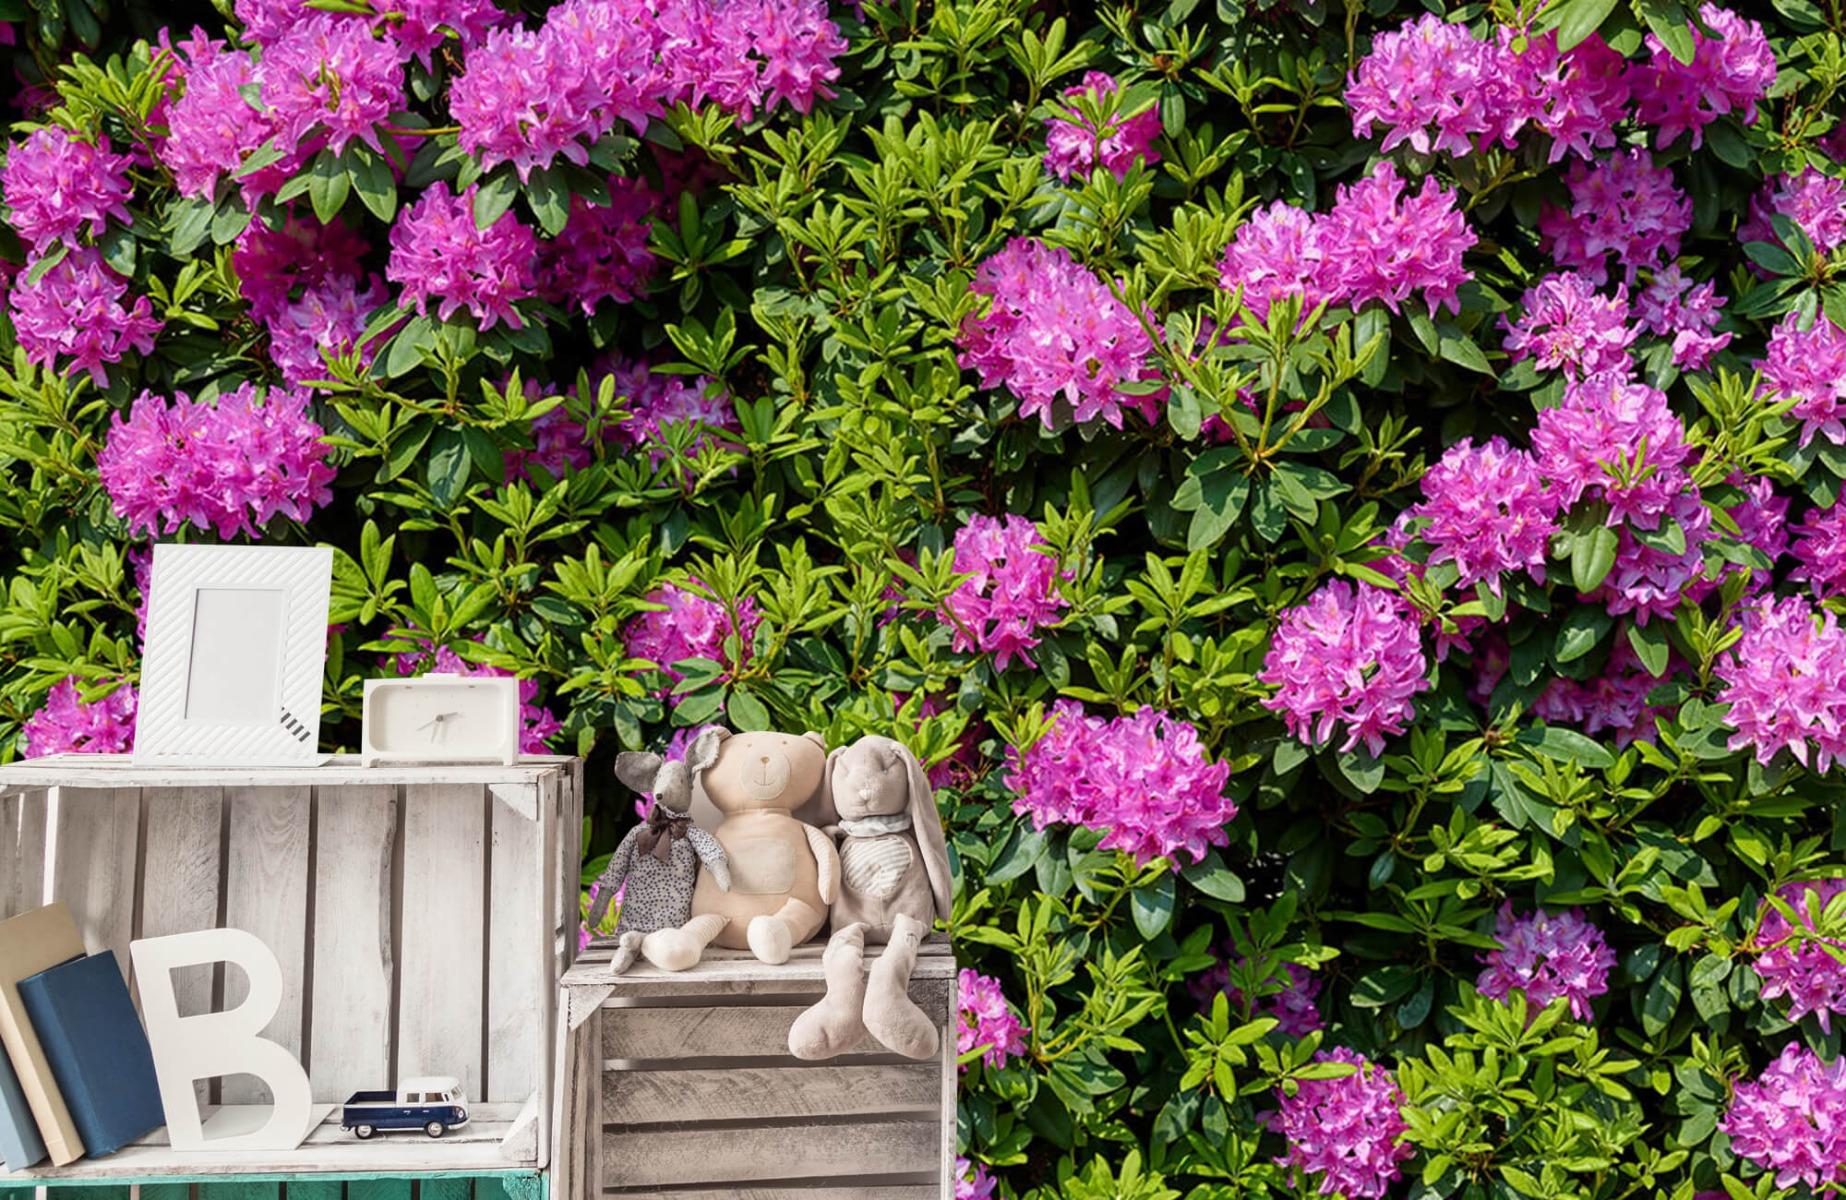 Bloemenvelden - Grote muur van rododendrons - Wallexclusive - Woonkamer 19